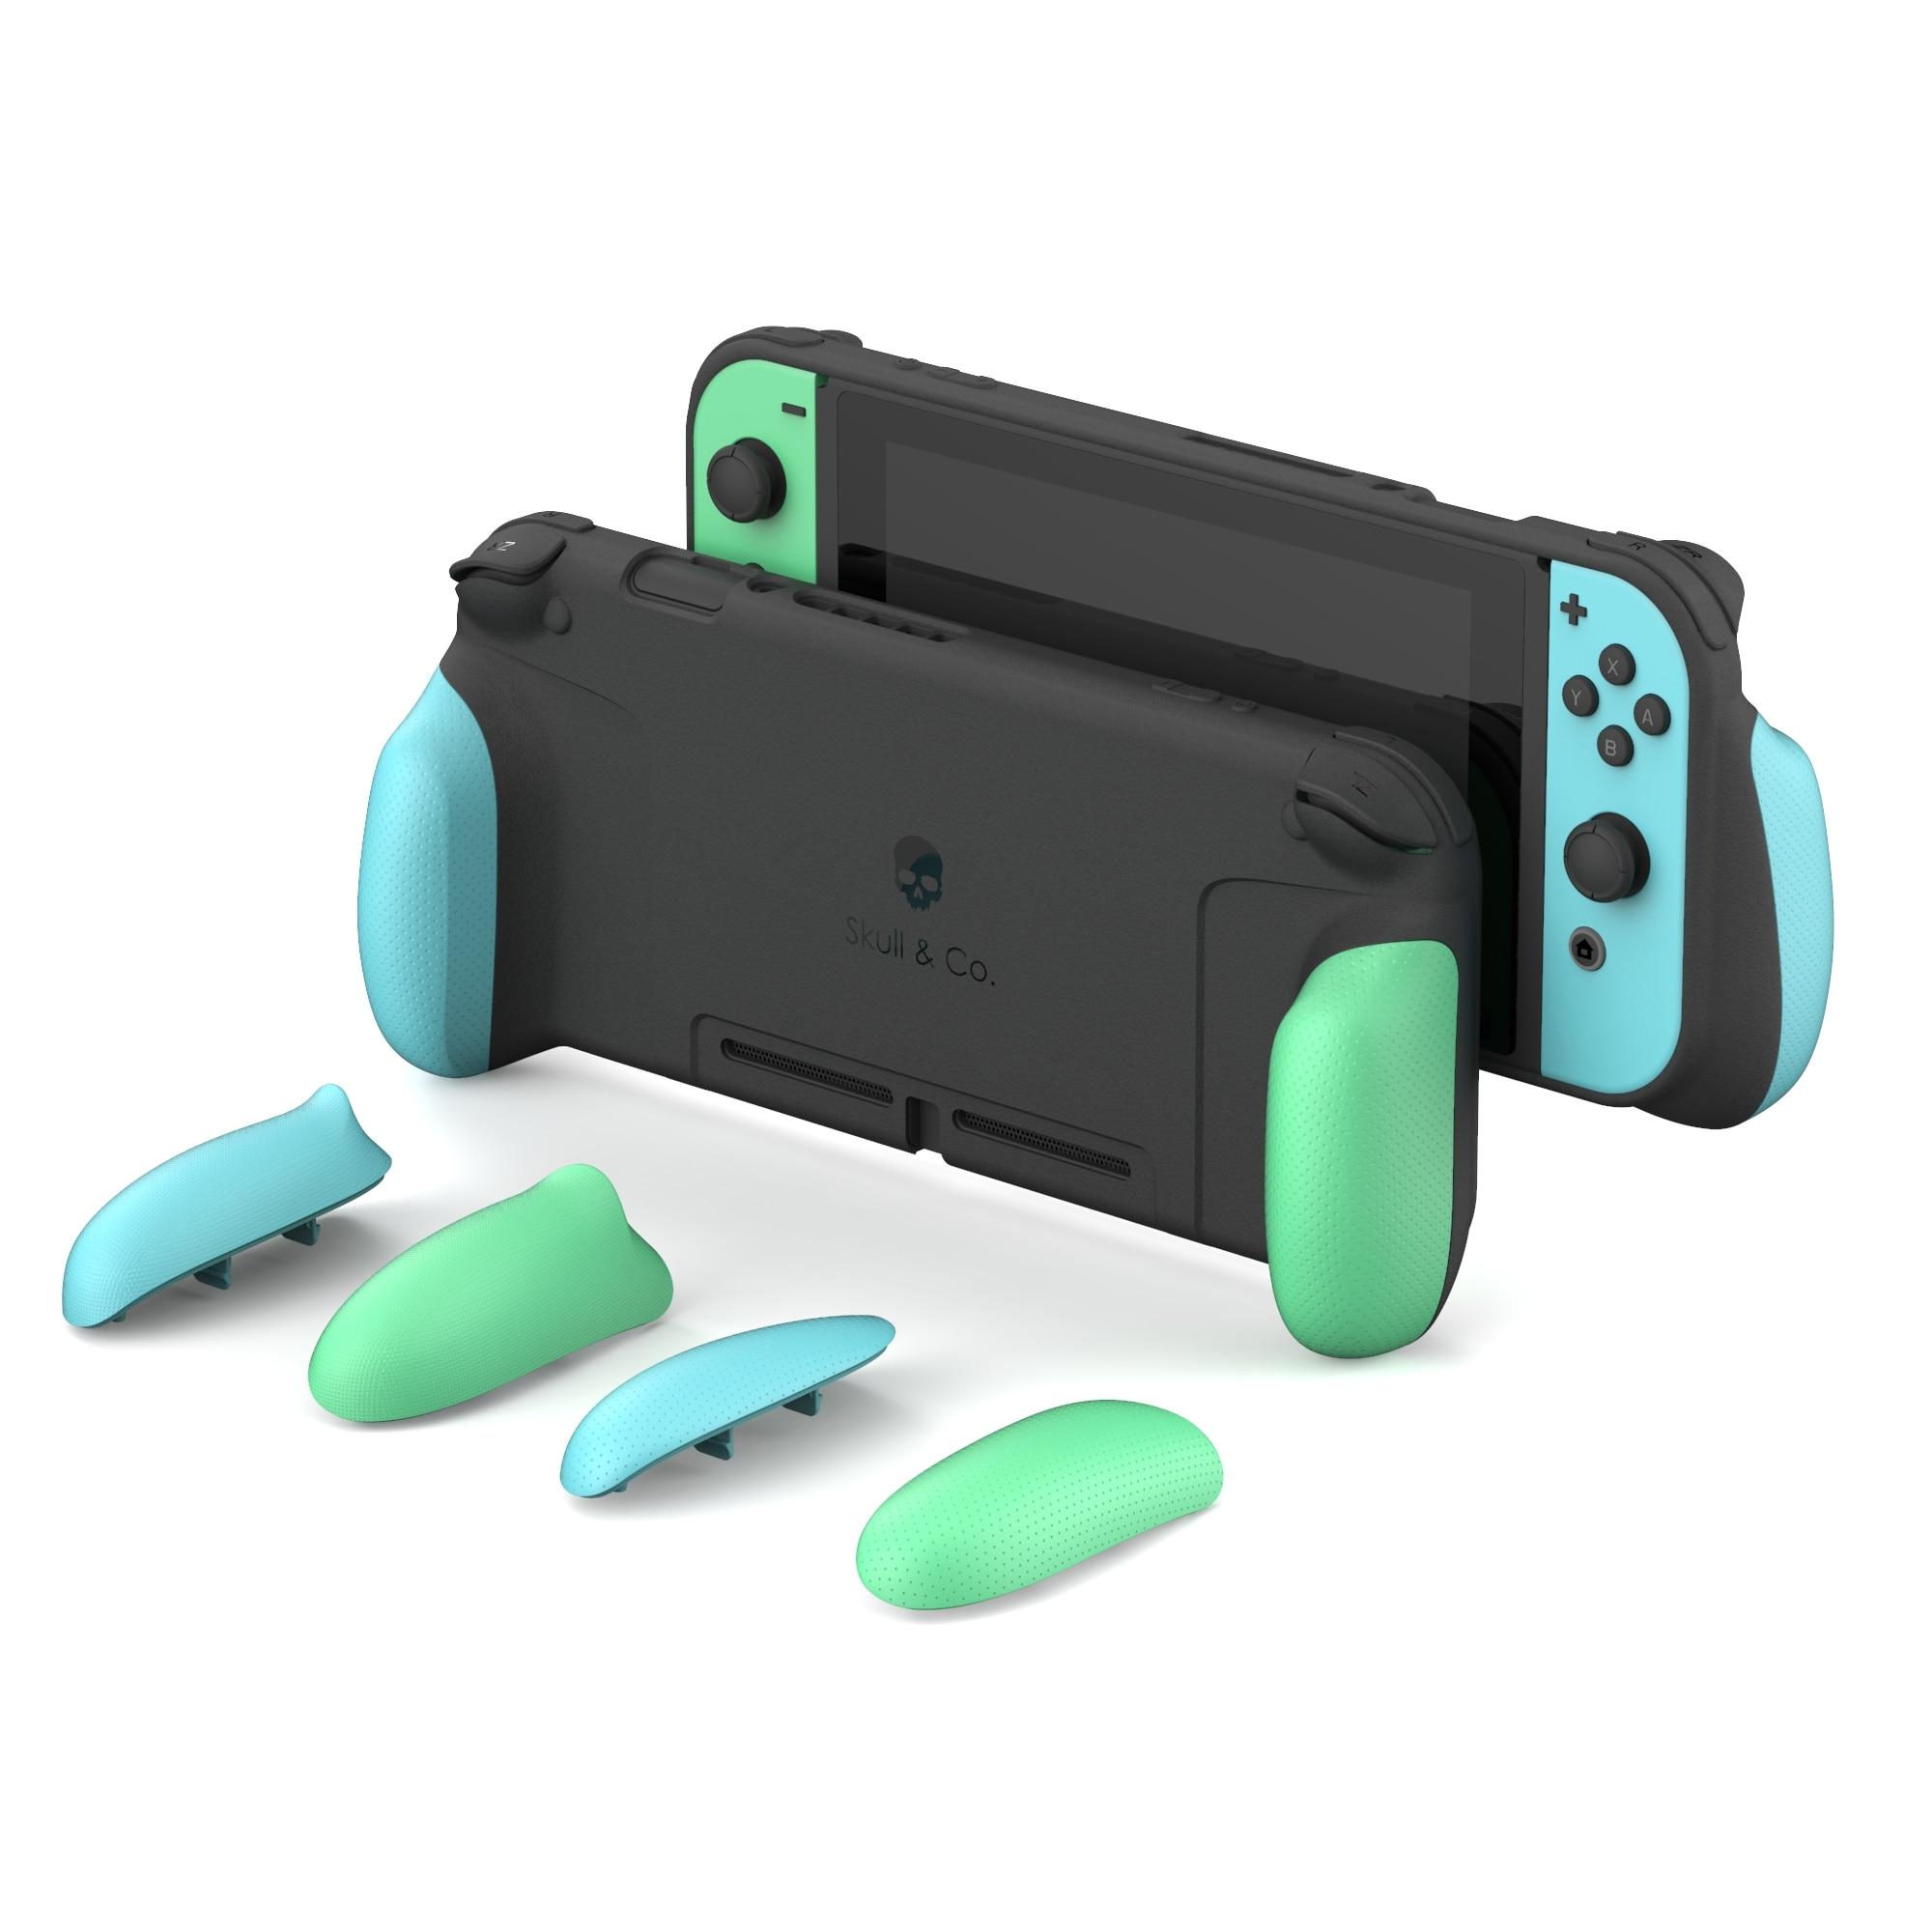 Skull & Co. Animal Crossing GripCase obudowa ochronna z wymiennymi uchwytami do przełącznika Nintendo